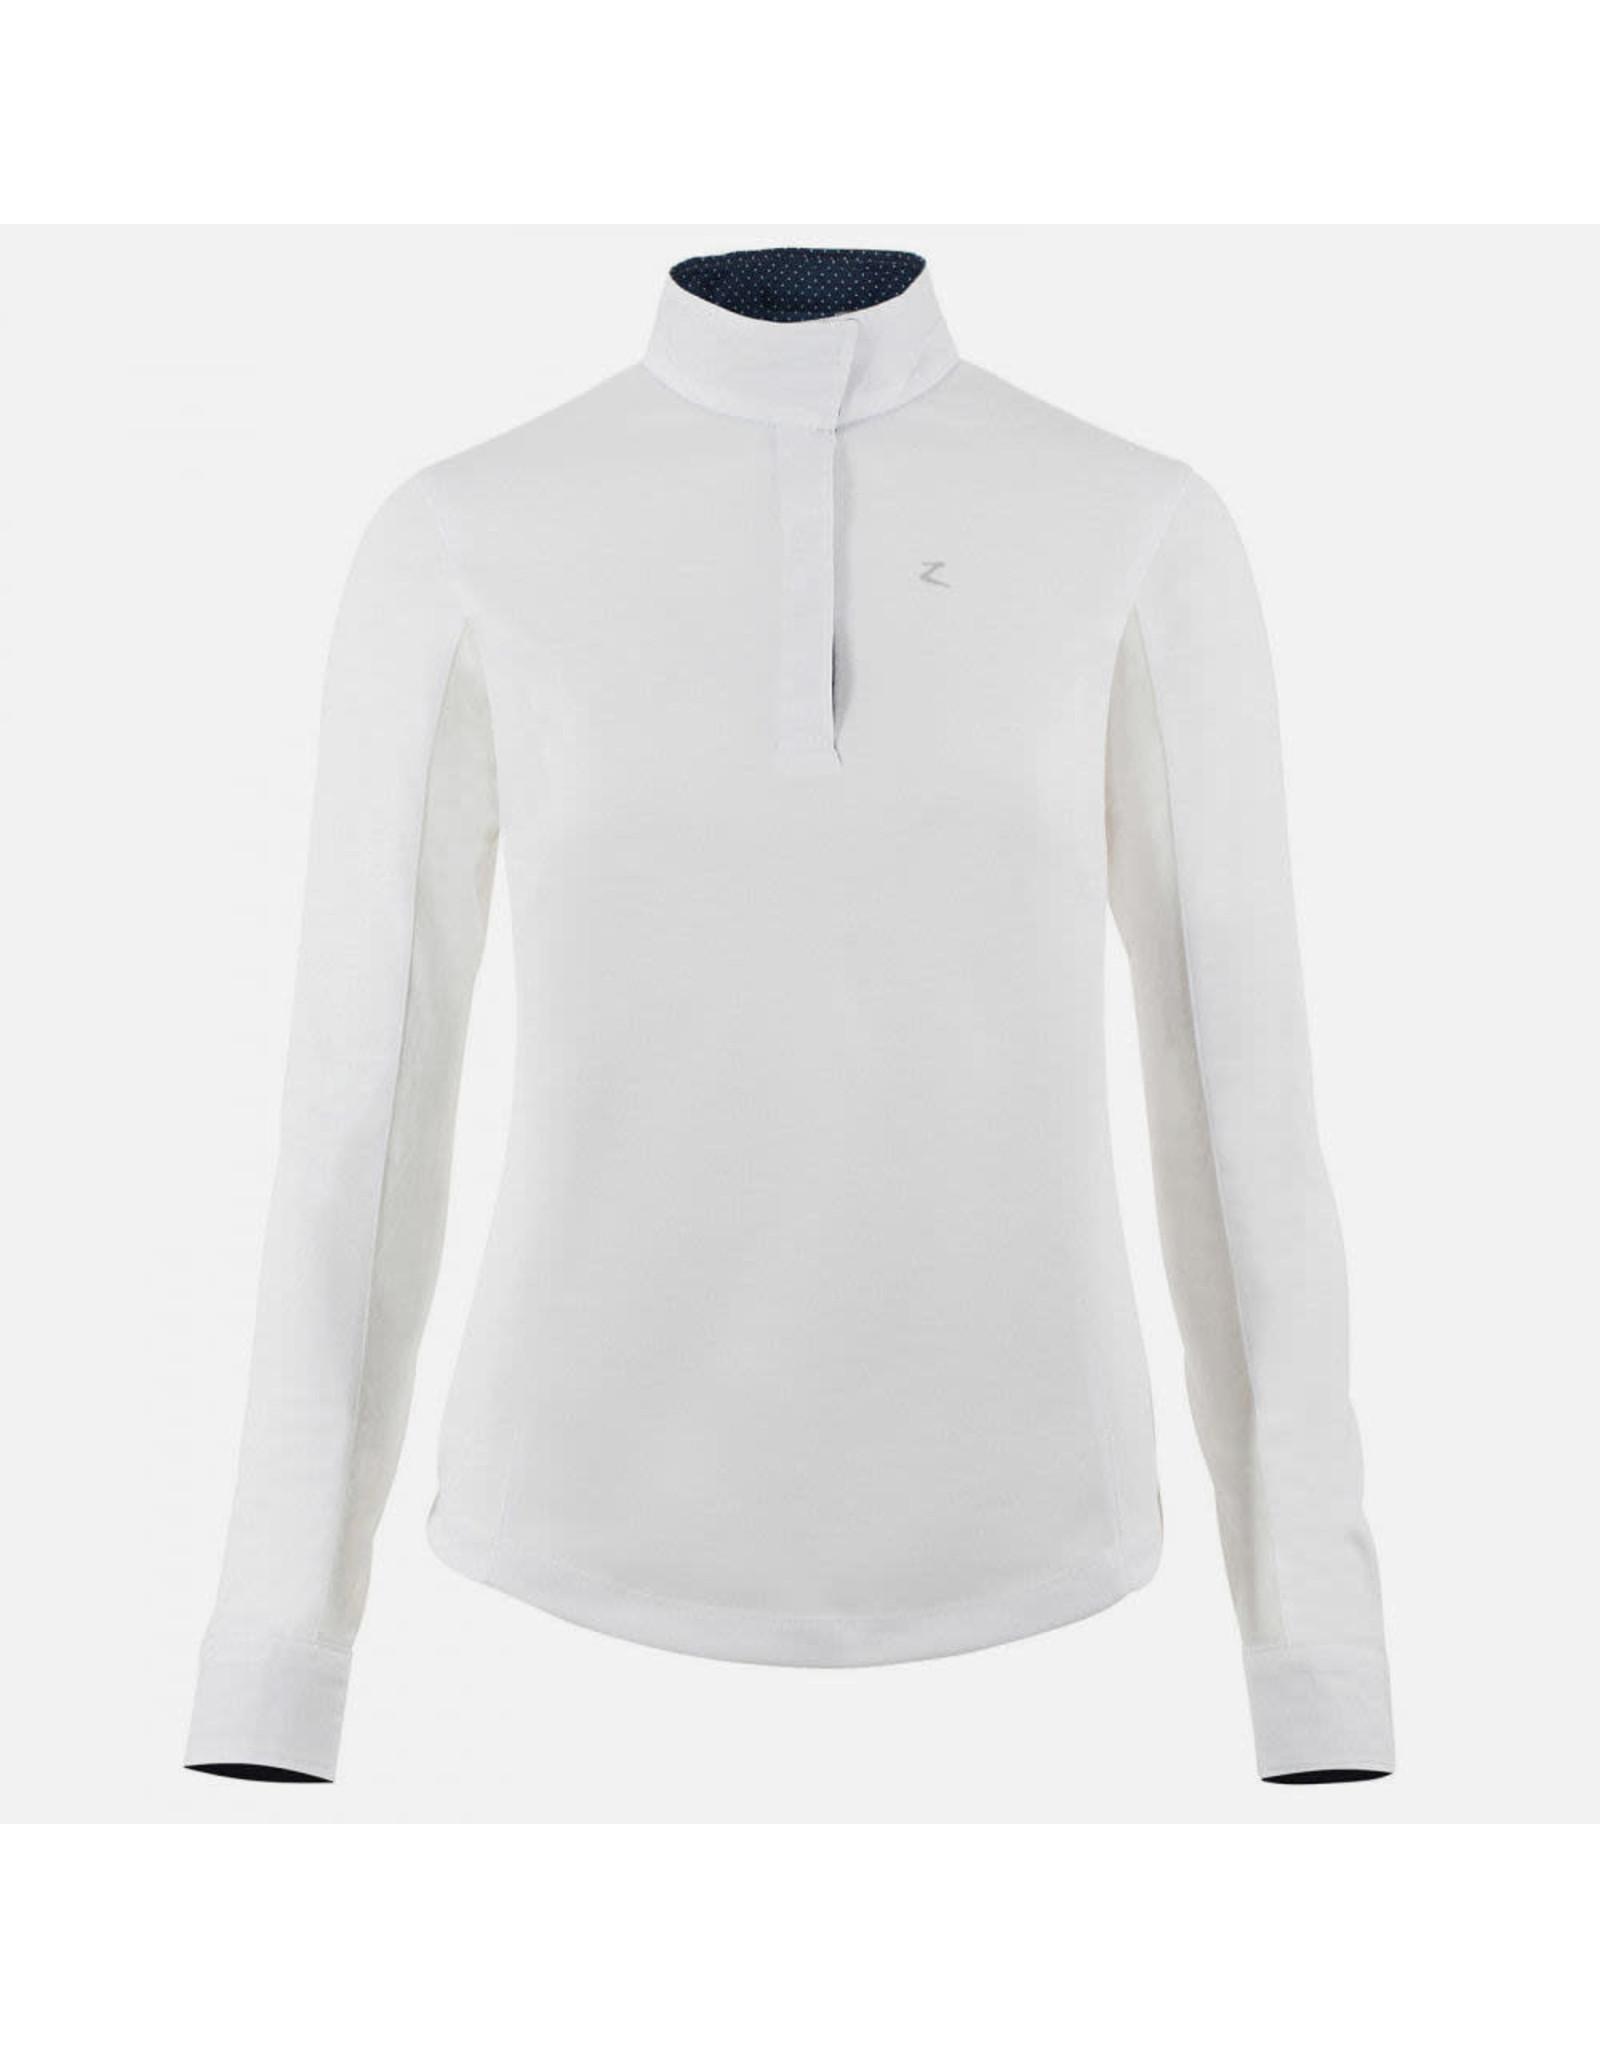 Horze Blaire Show Shirt Long Sleeve